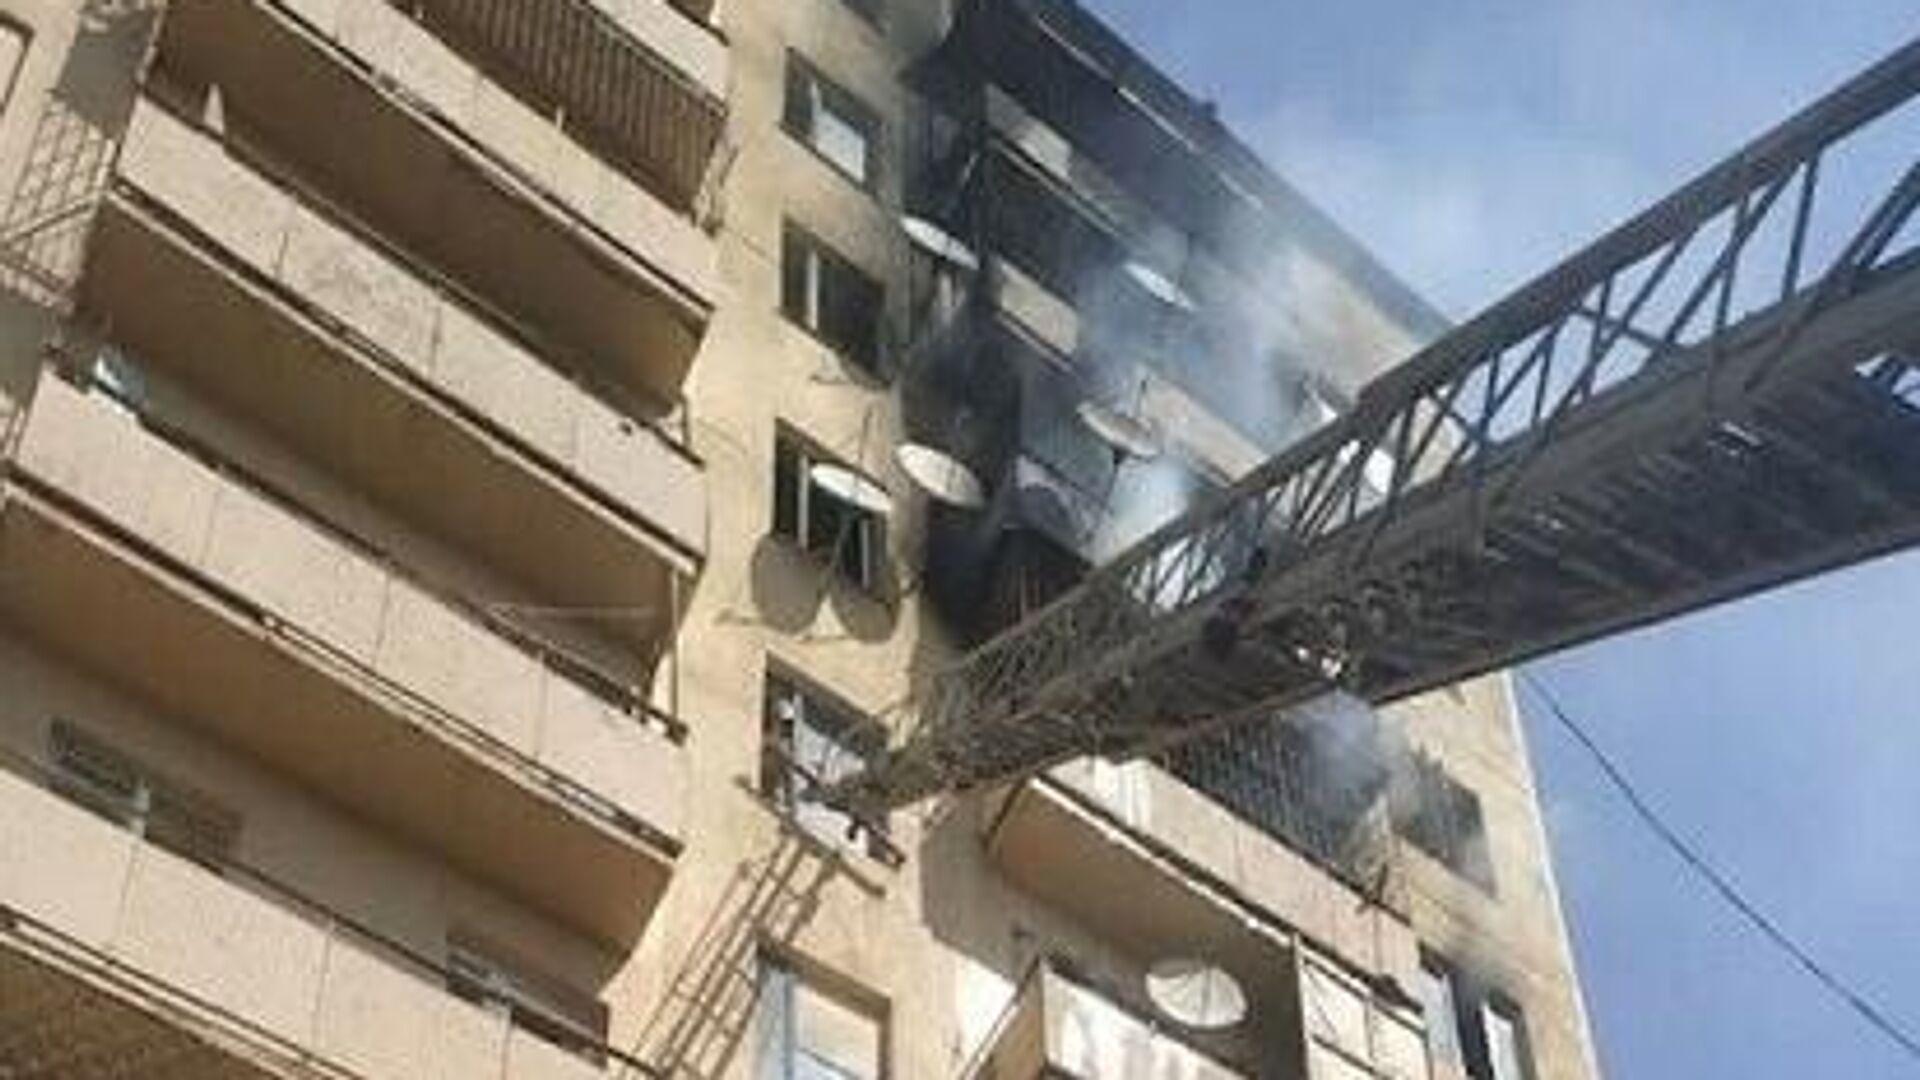 Пожар в многоэтажном здании в Ангрене - Sputnik Узбекистан, 1920, 02.10.2021